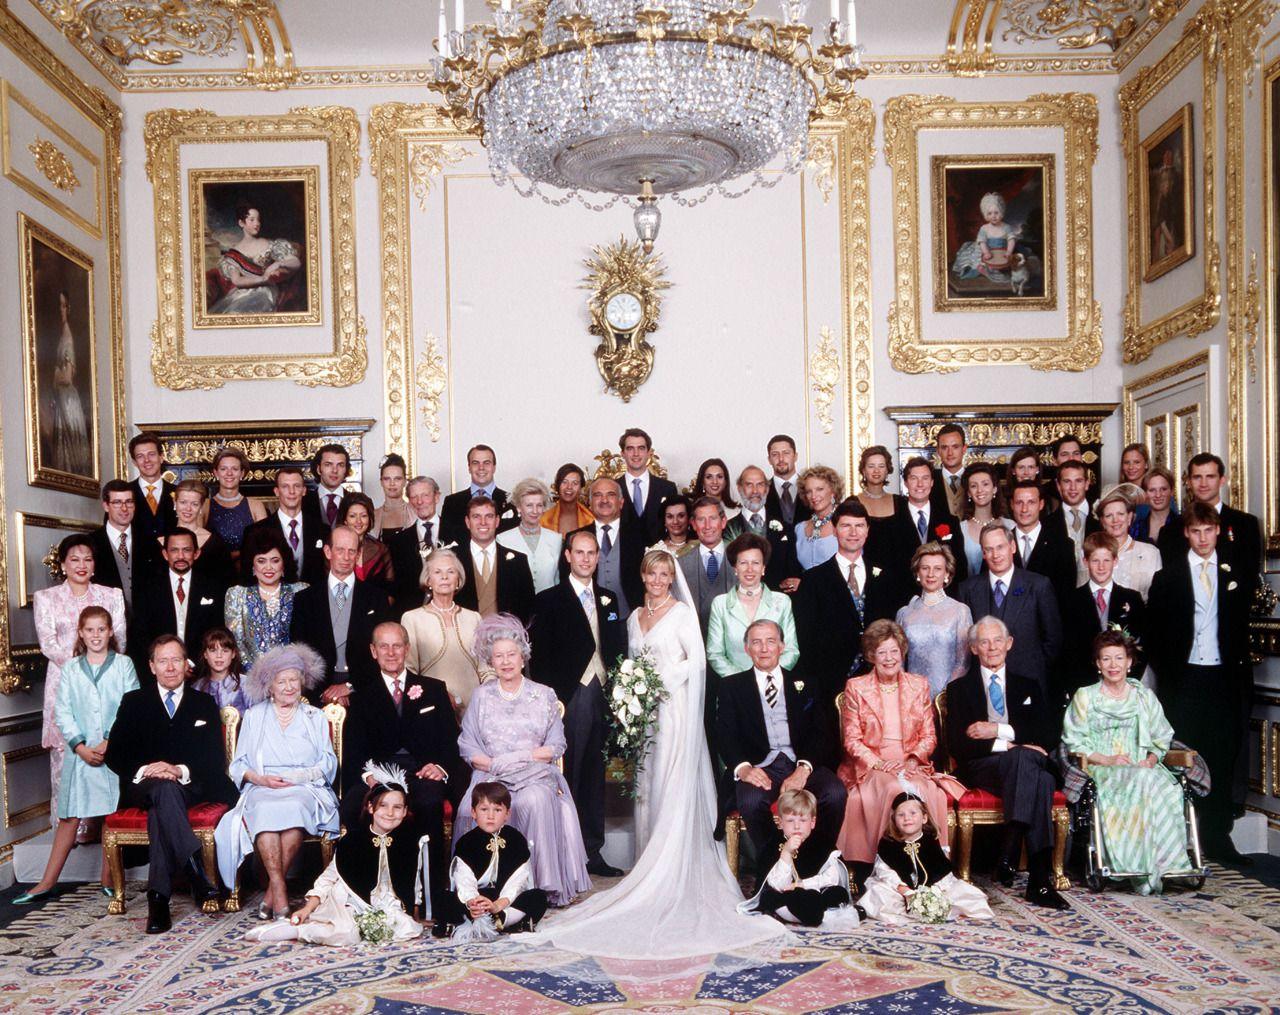 1999 Prince Edward, Earl of Wessex marries Sophie Rhys